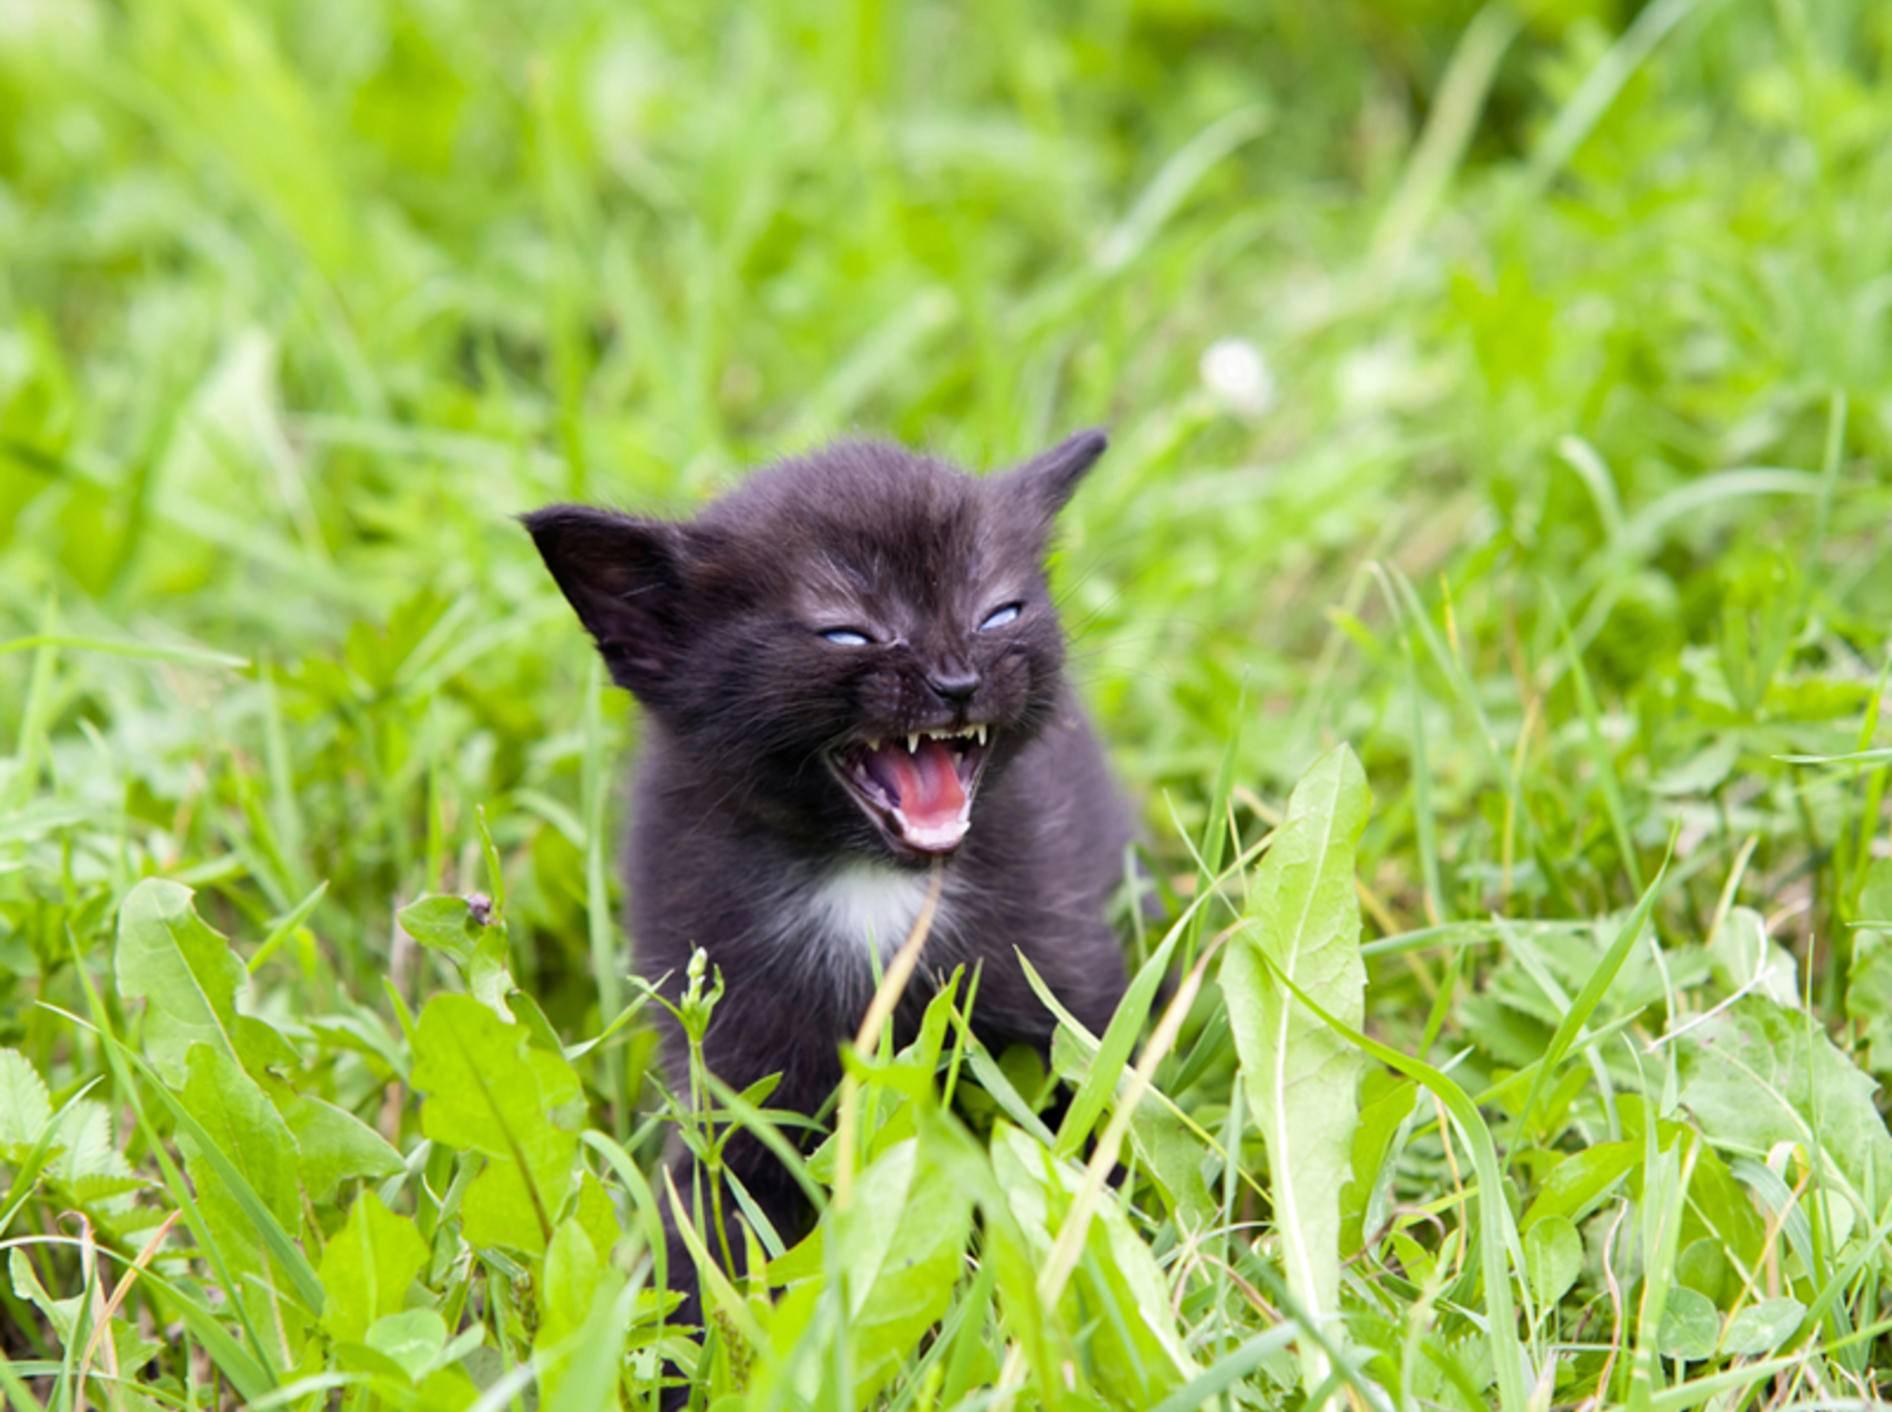 Die Symptome von Tollwut bei Katzen sind im Anfangsstadium schwer zu erkennen – Bild: Shutterstock / siloto